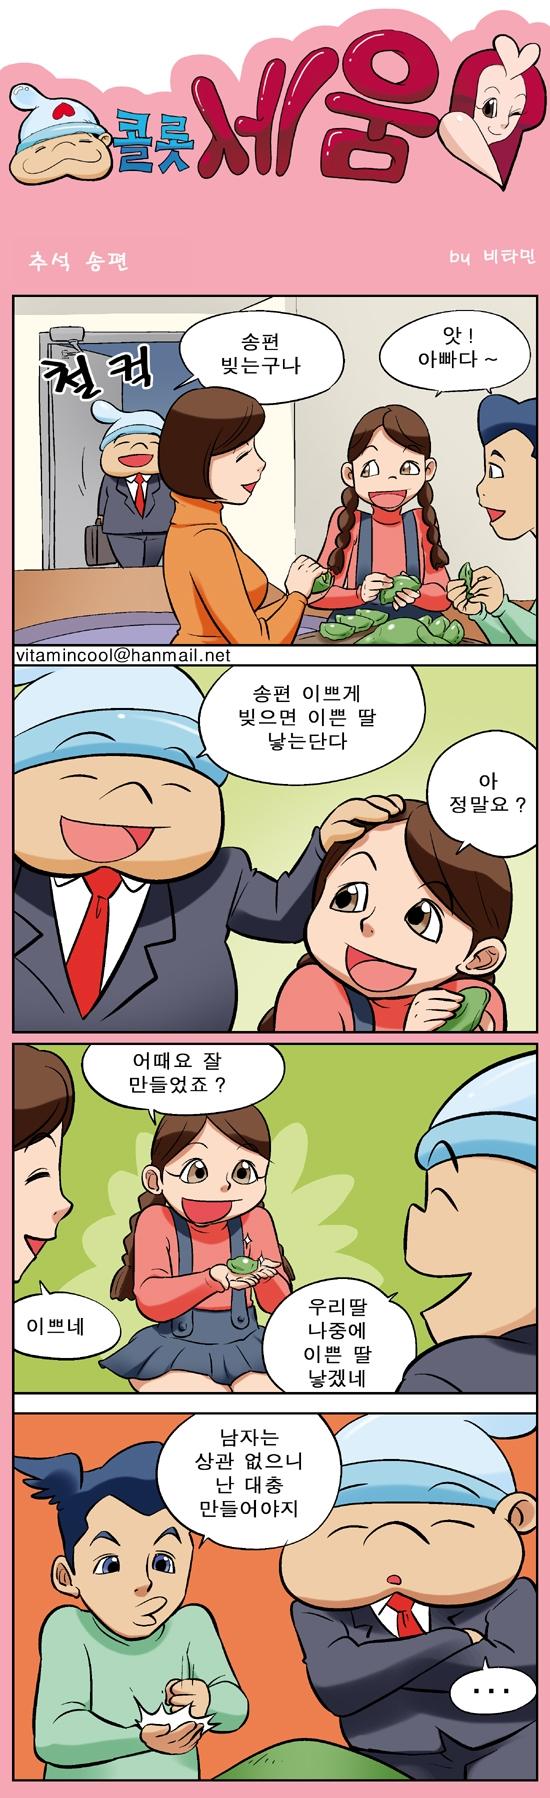 추석 송편_0